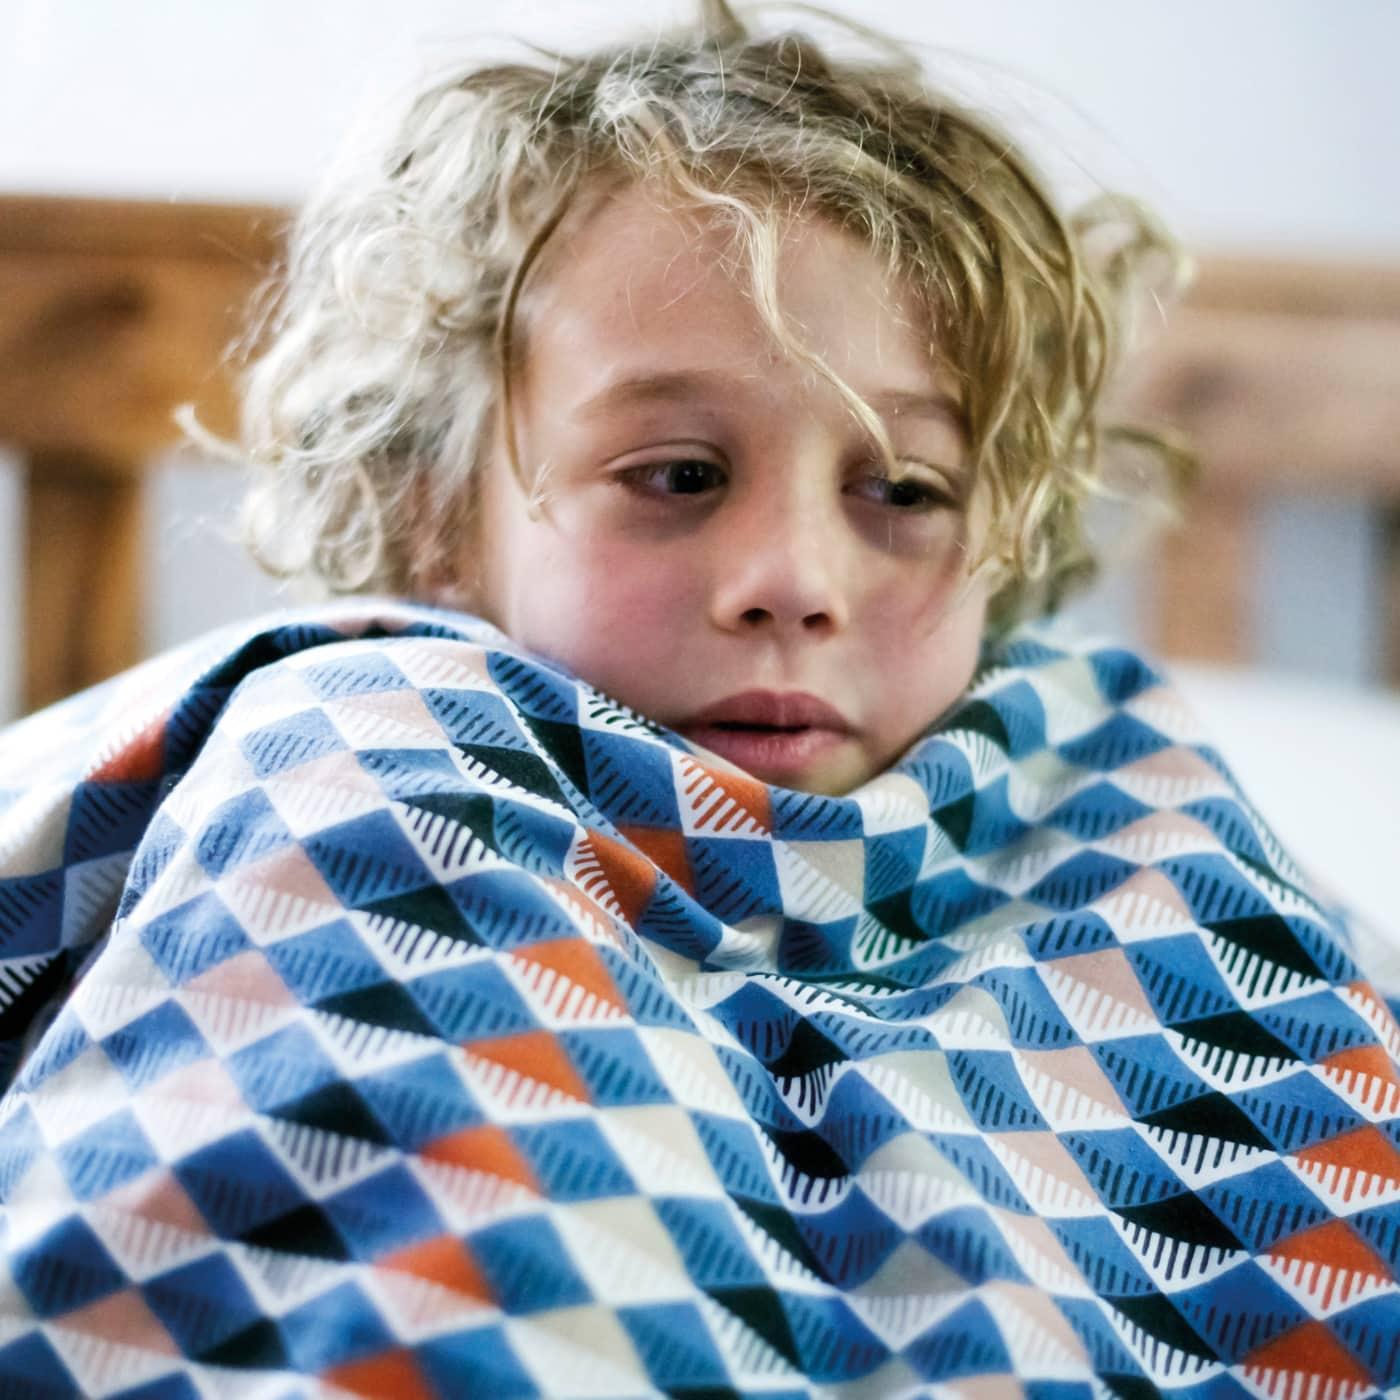 Wenn die Kinder schlimm erkranken oder sich verletzen: Notfallnummer und Kinderrettungsstellen in Berlin // HIMBEER